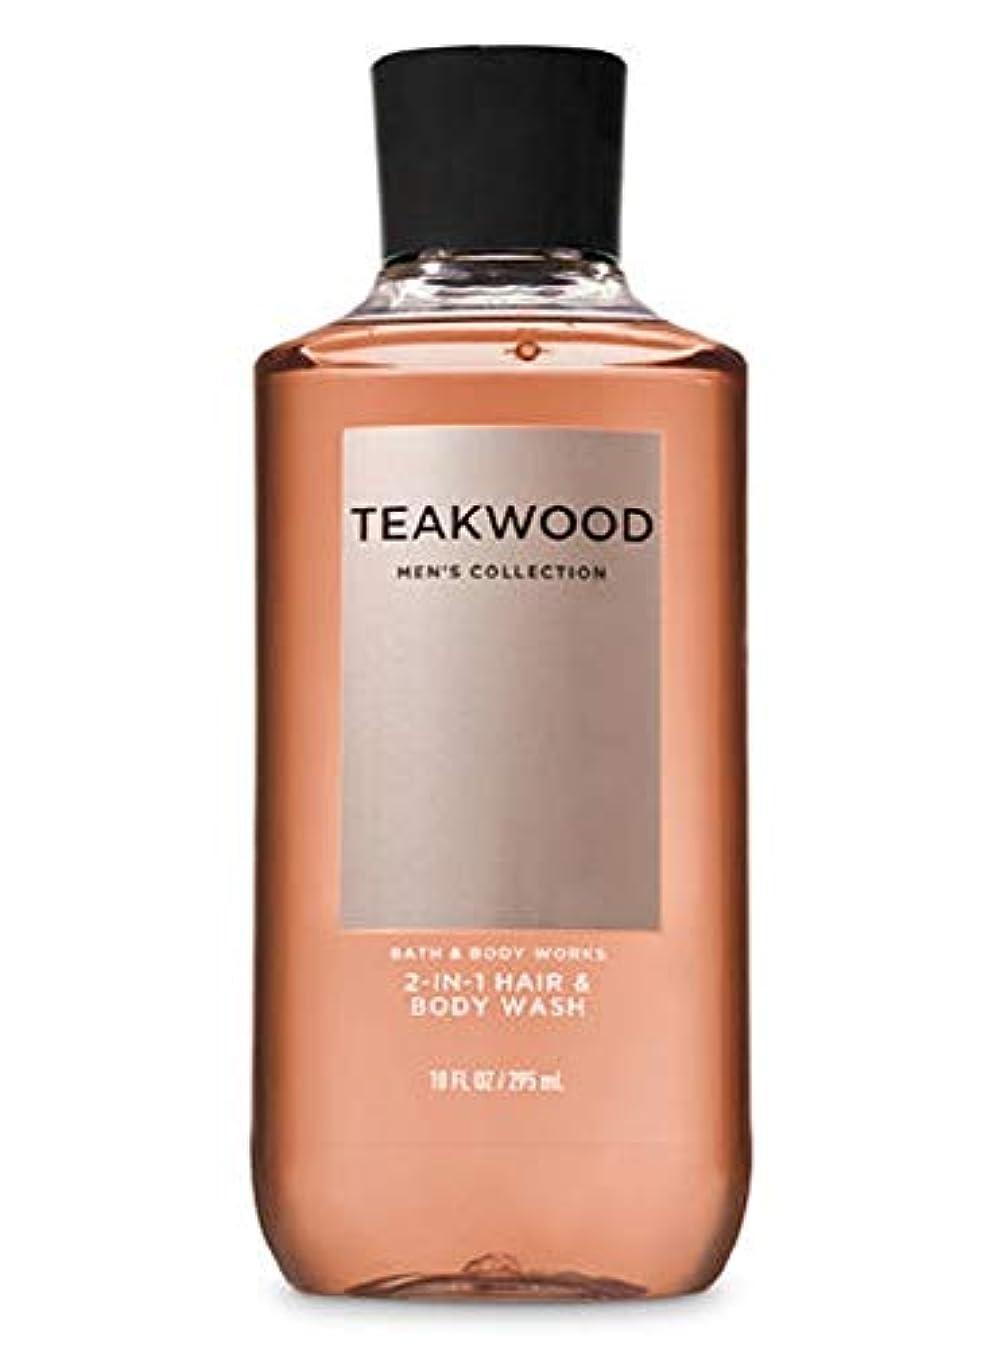 無駄だスリンクピーク【並行輸入品】Bath & Body Works TEAKWOOD 2-in-1 Hair + Body Wash